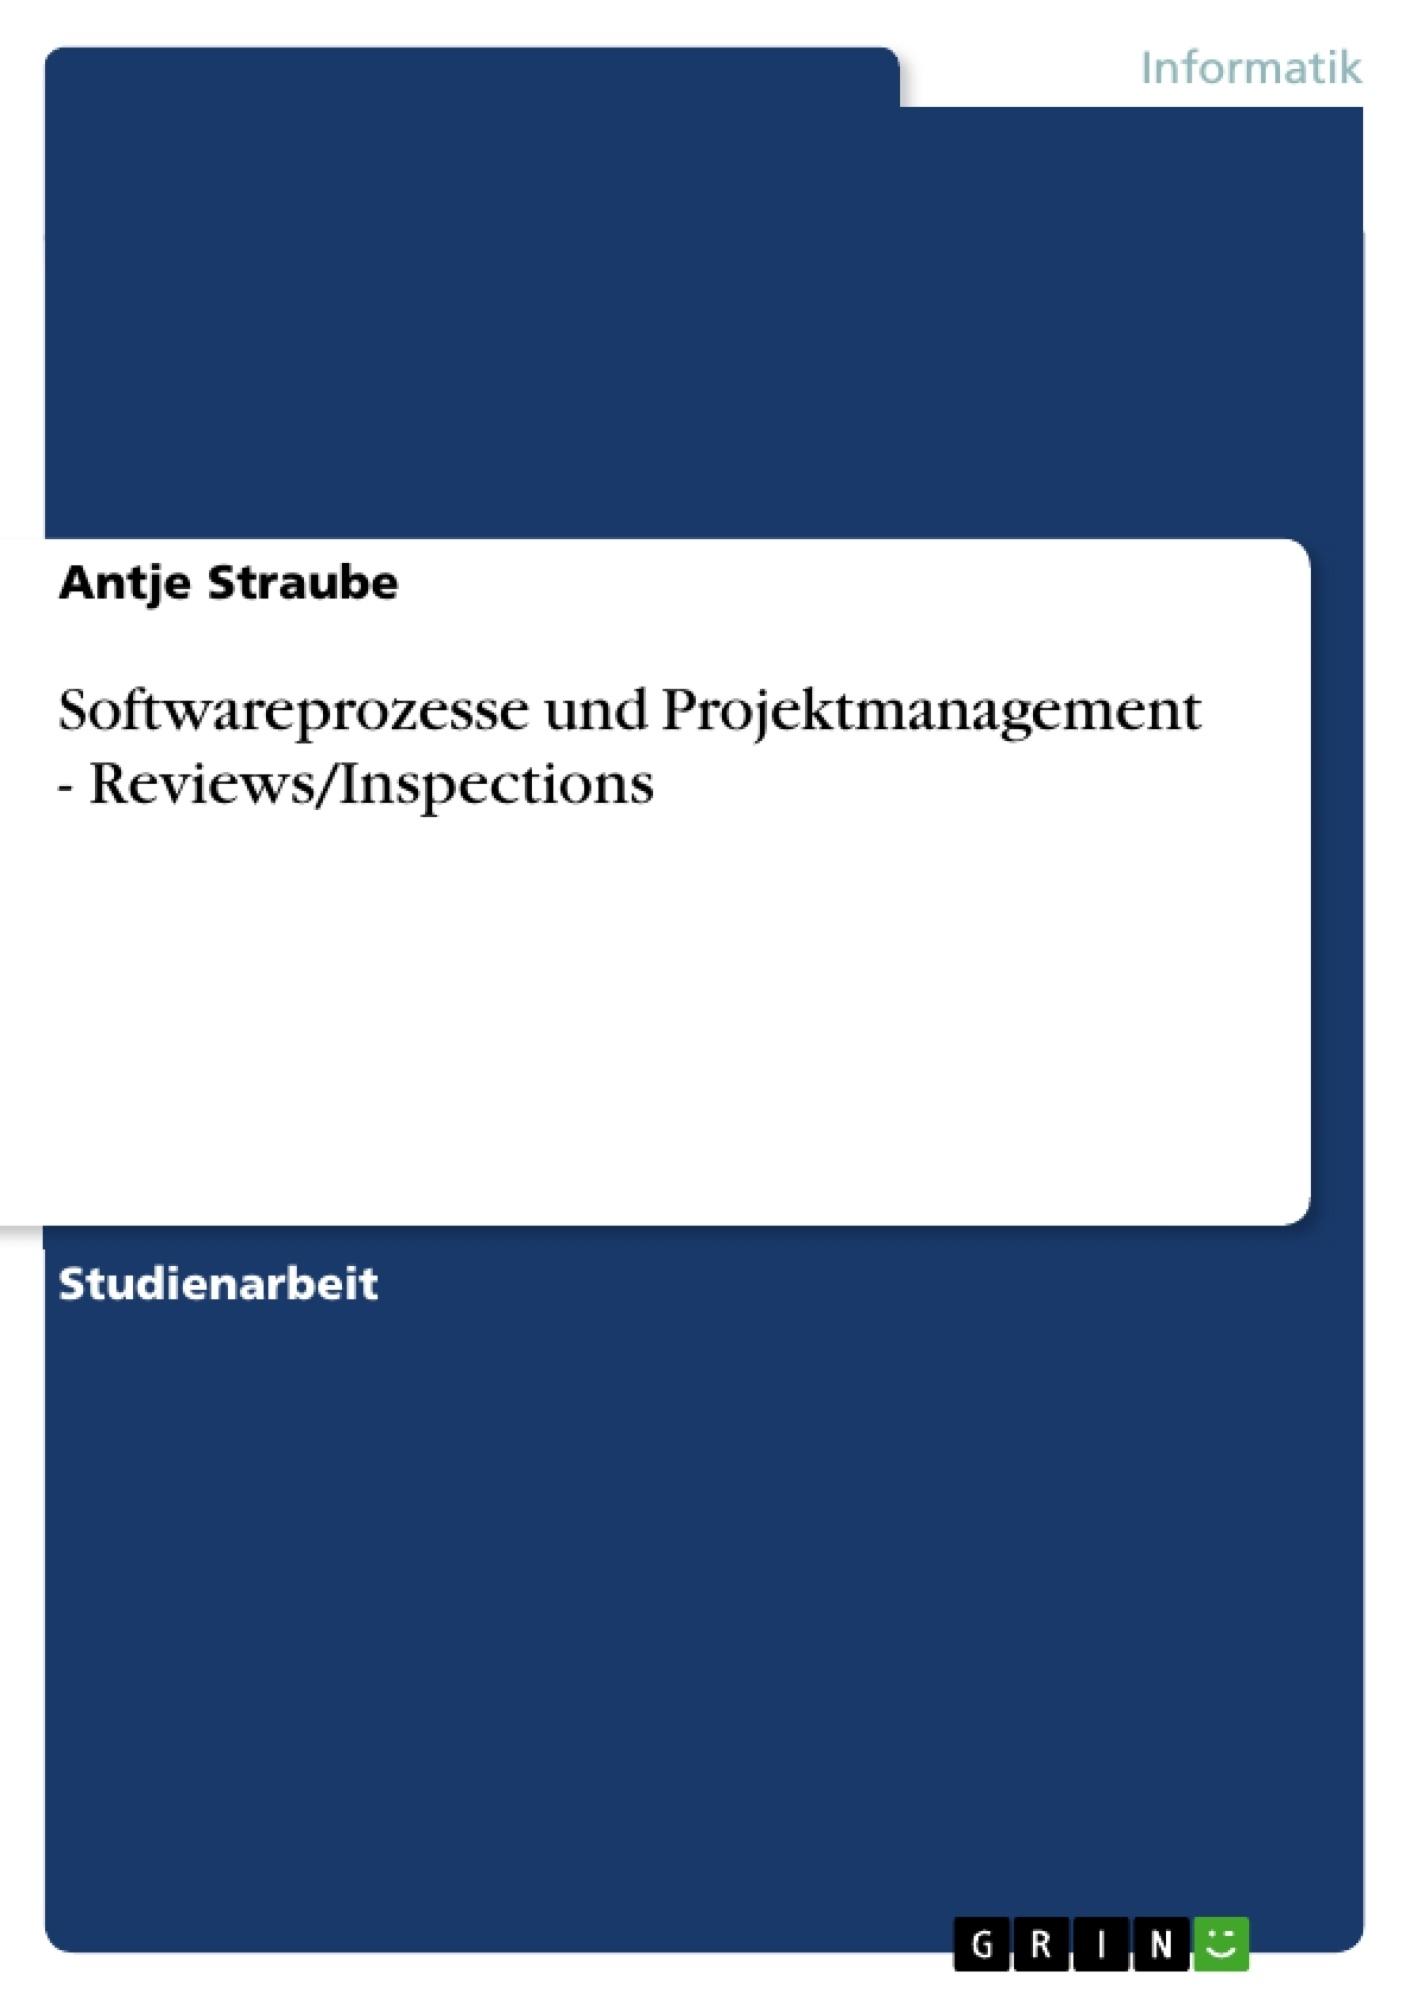 Titel: Softwareprozesse und Projektmanagement - Reviews/Inspections